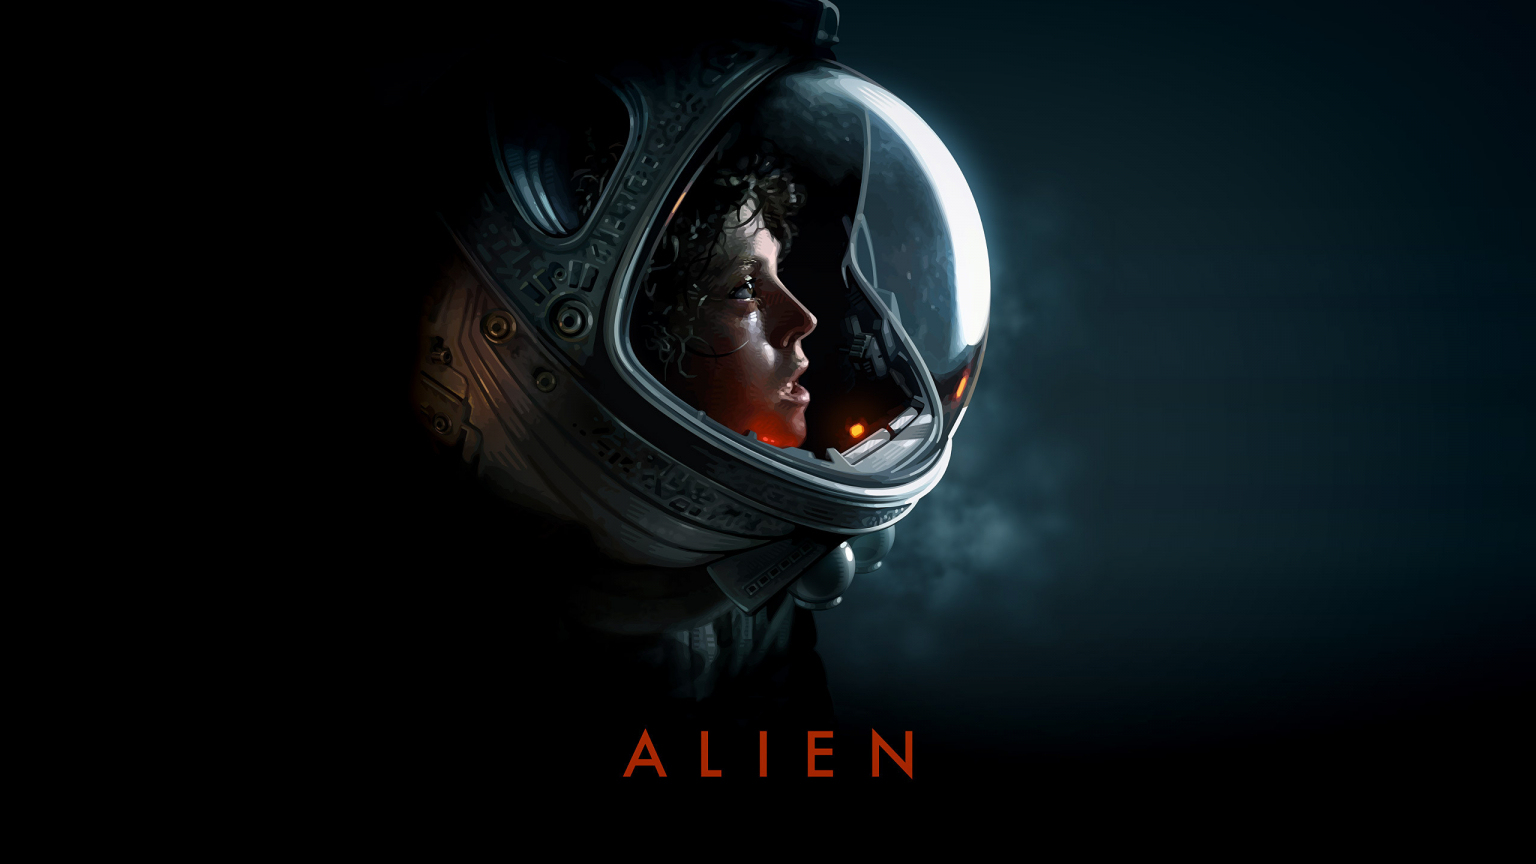 download Desktop Alien HD Wallpapers [2560x1600] for your 1536x864